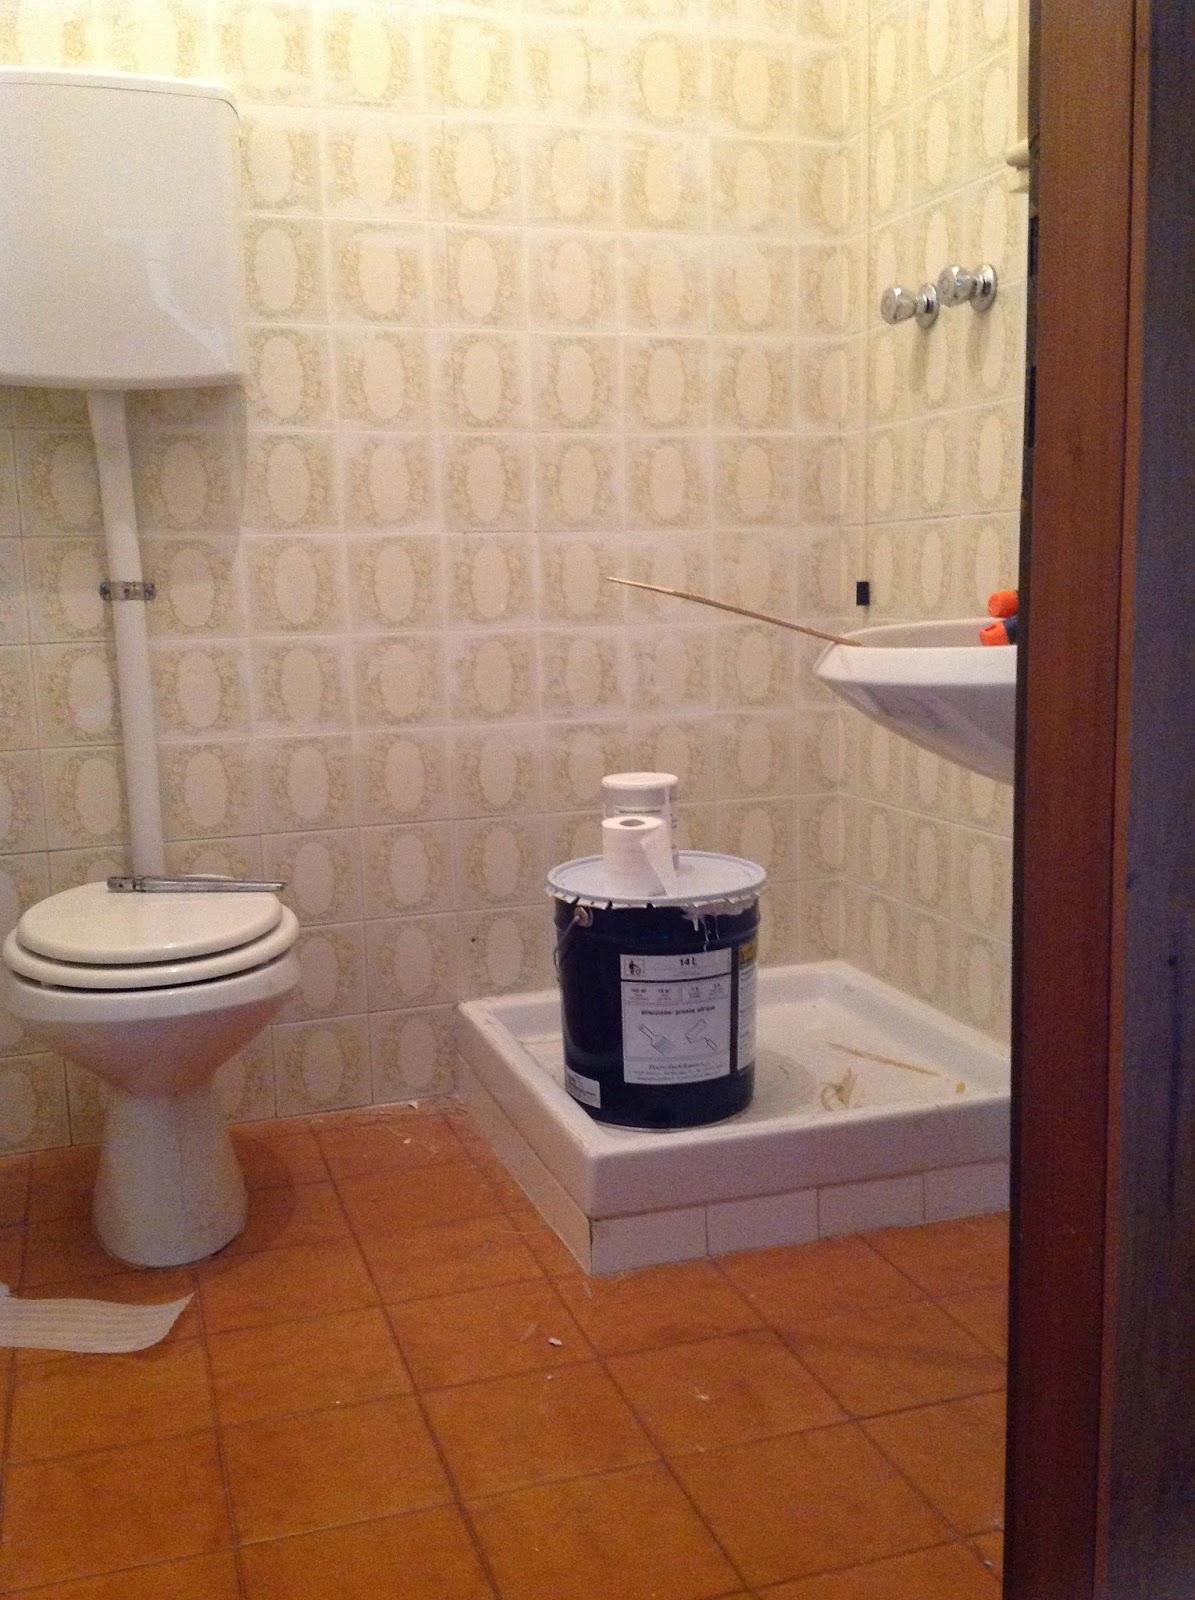 Coprire le piastrelle del bagno - Pareti bagno senza piastrelle ...